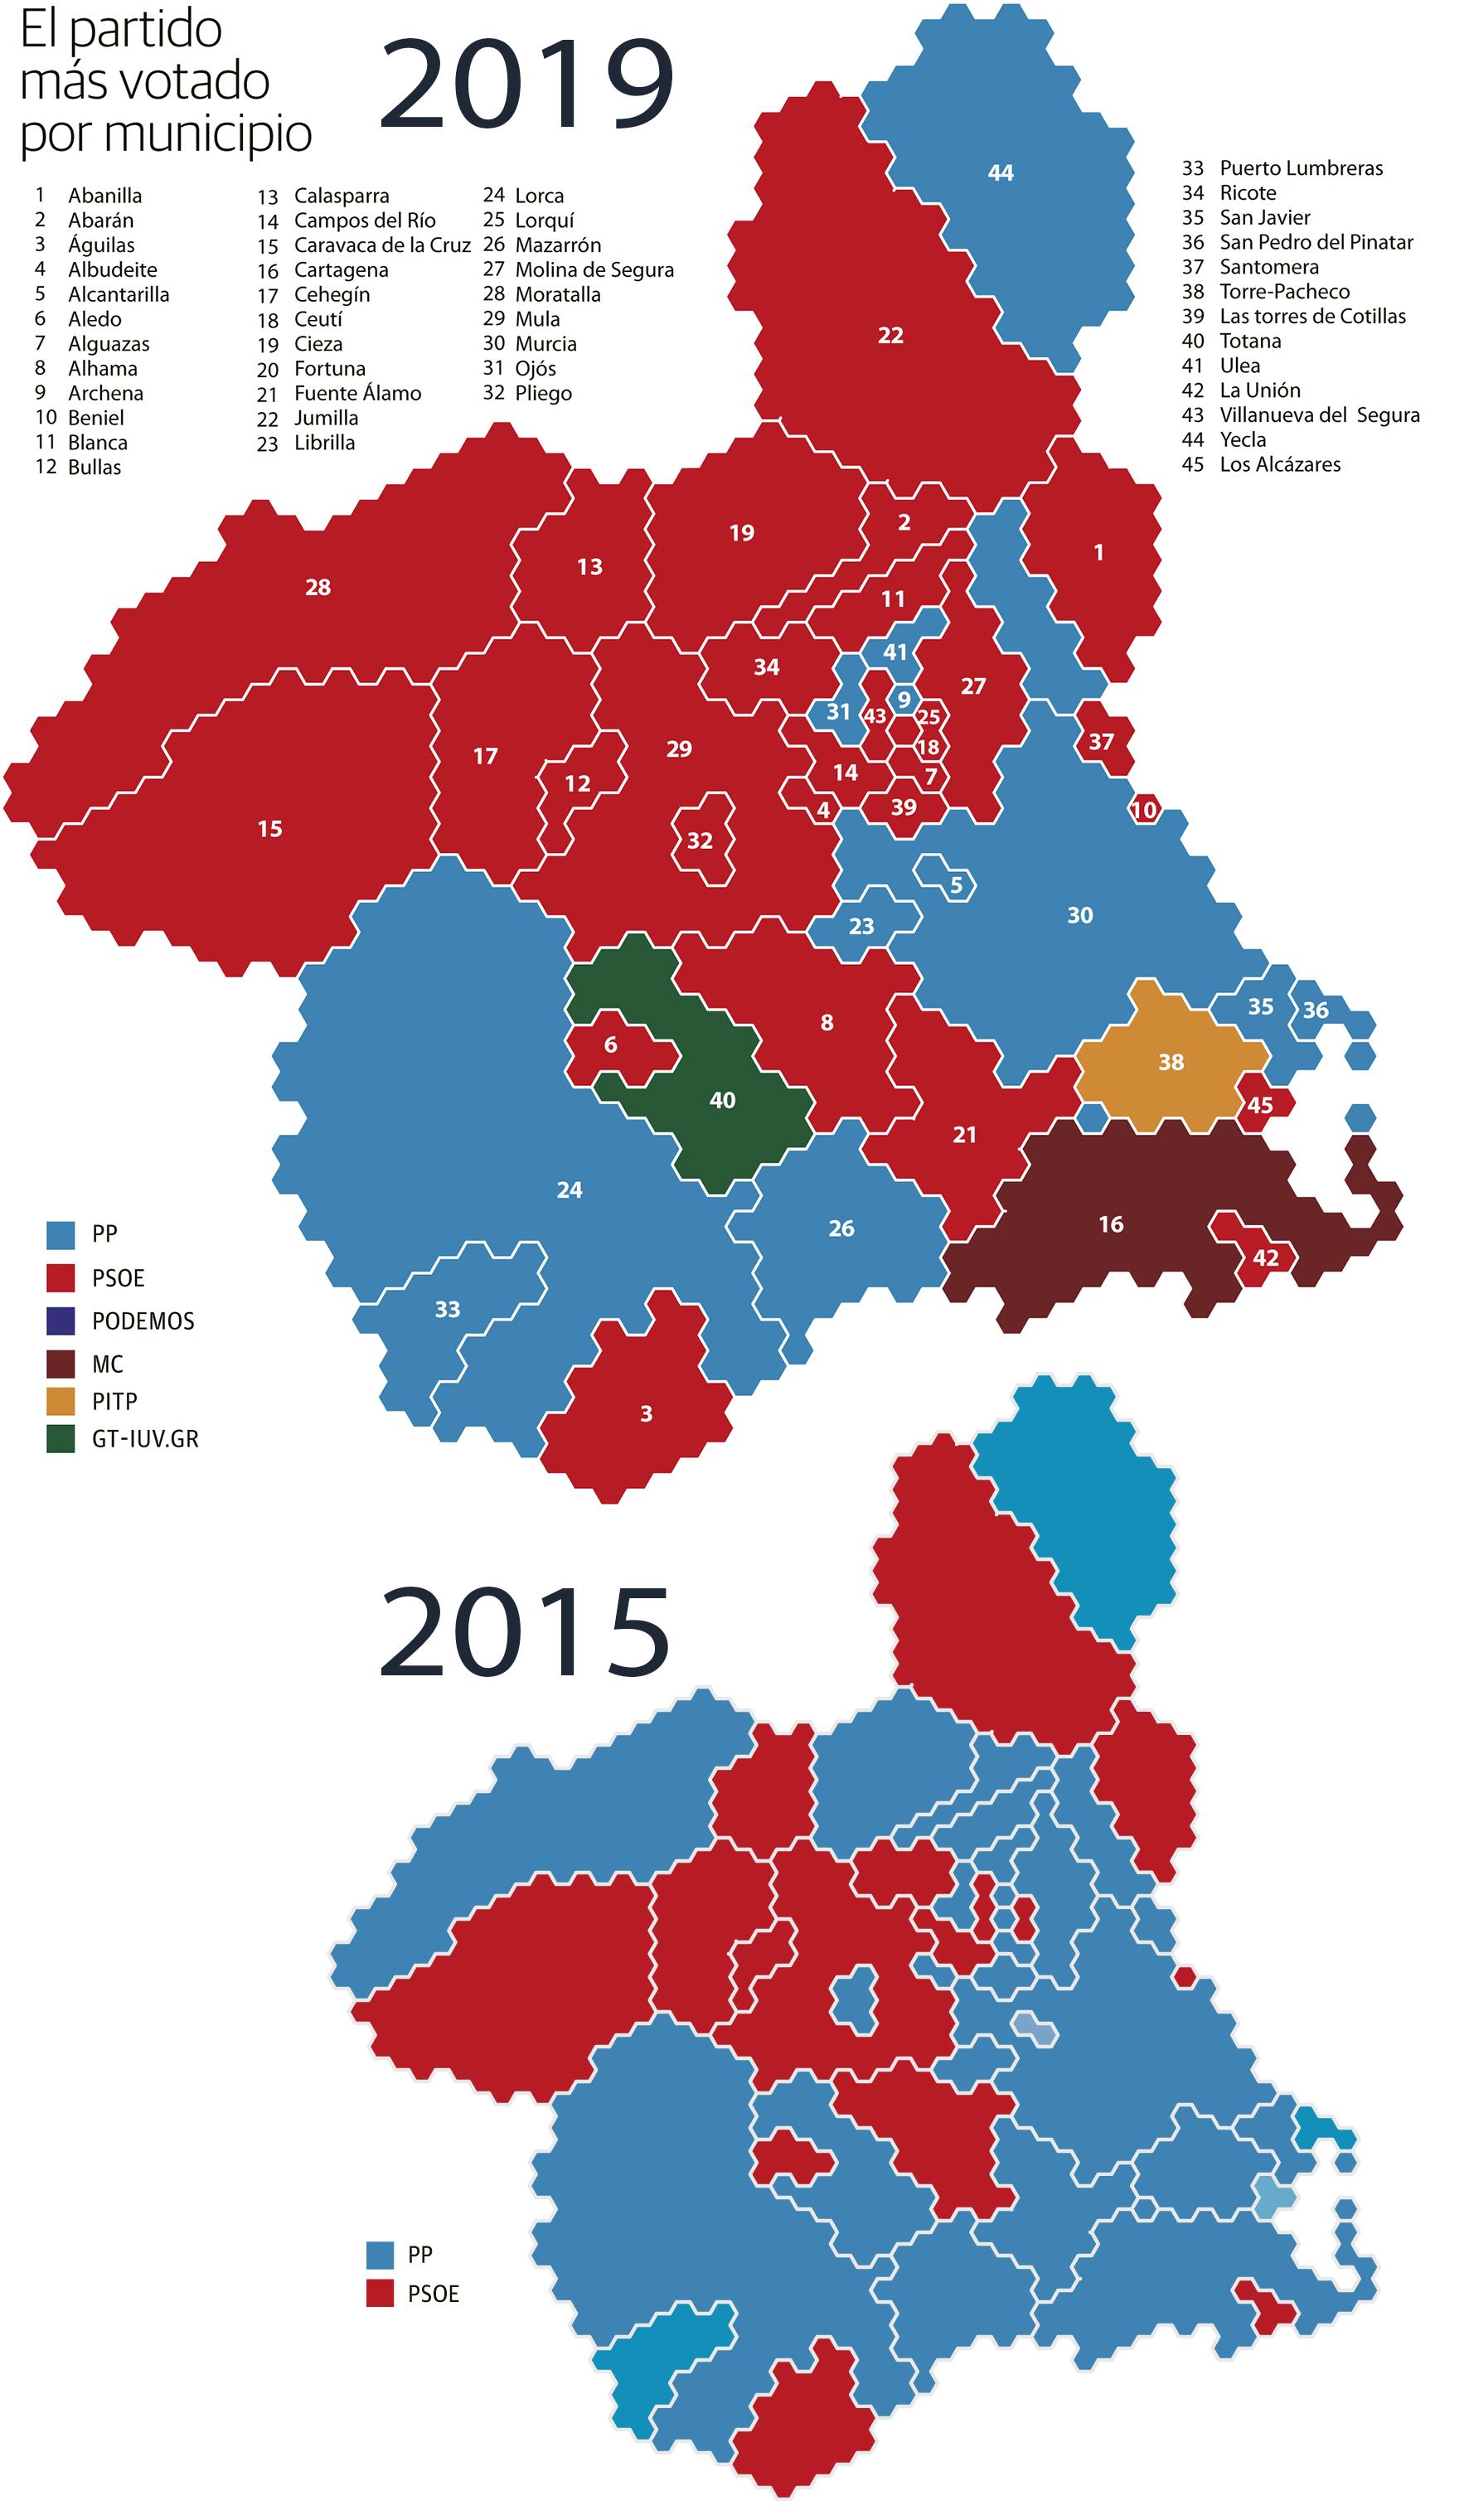 Mapa Region De Murcia Elecciones.El Psoe Se Hace Mas Fuerte En Los Municipios De La Region